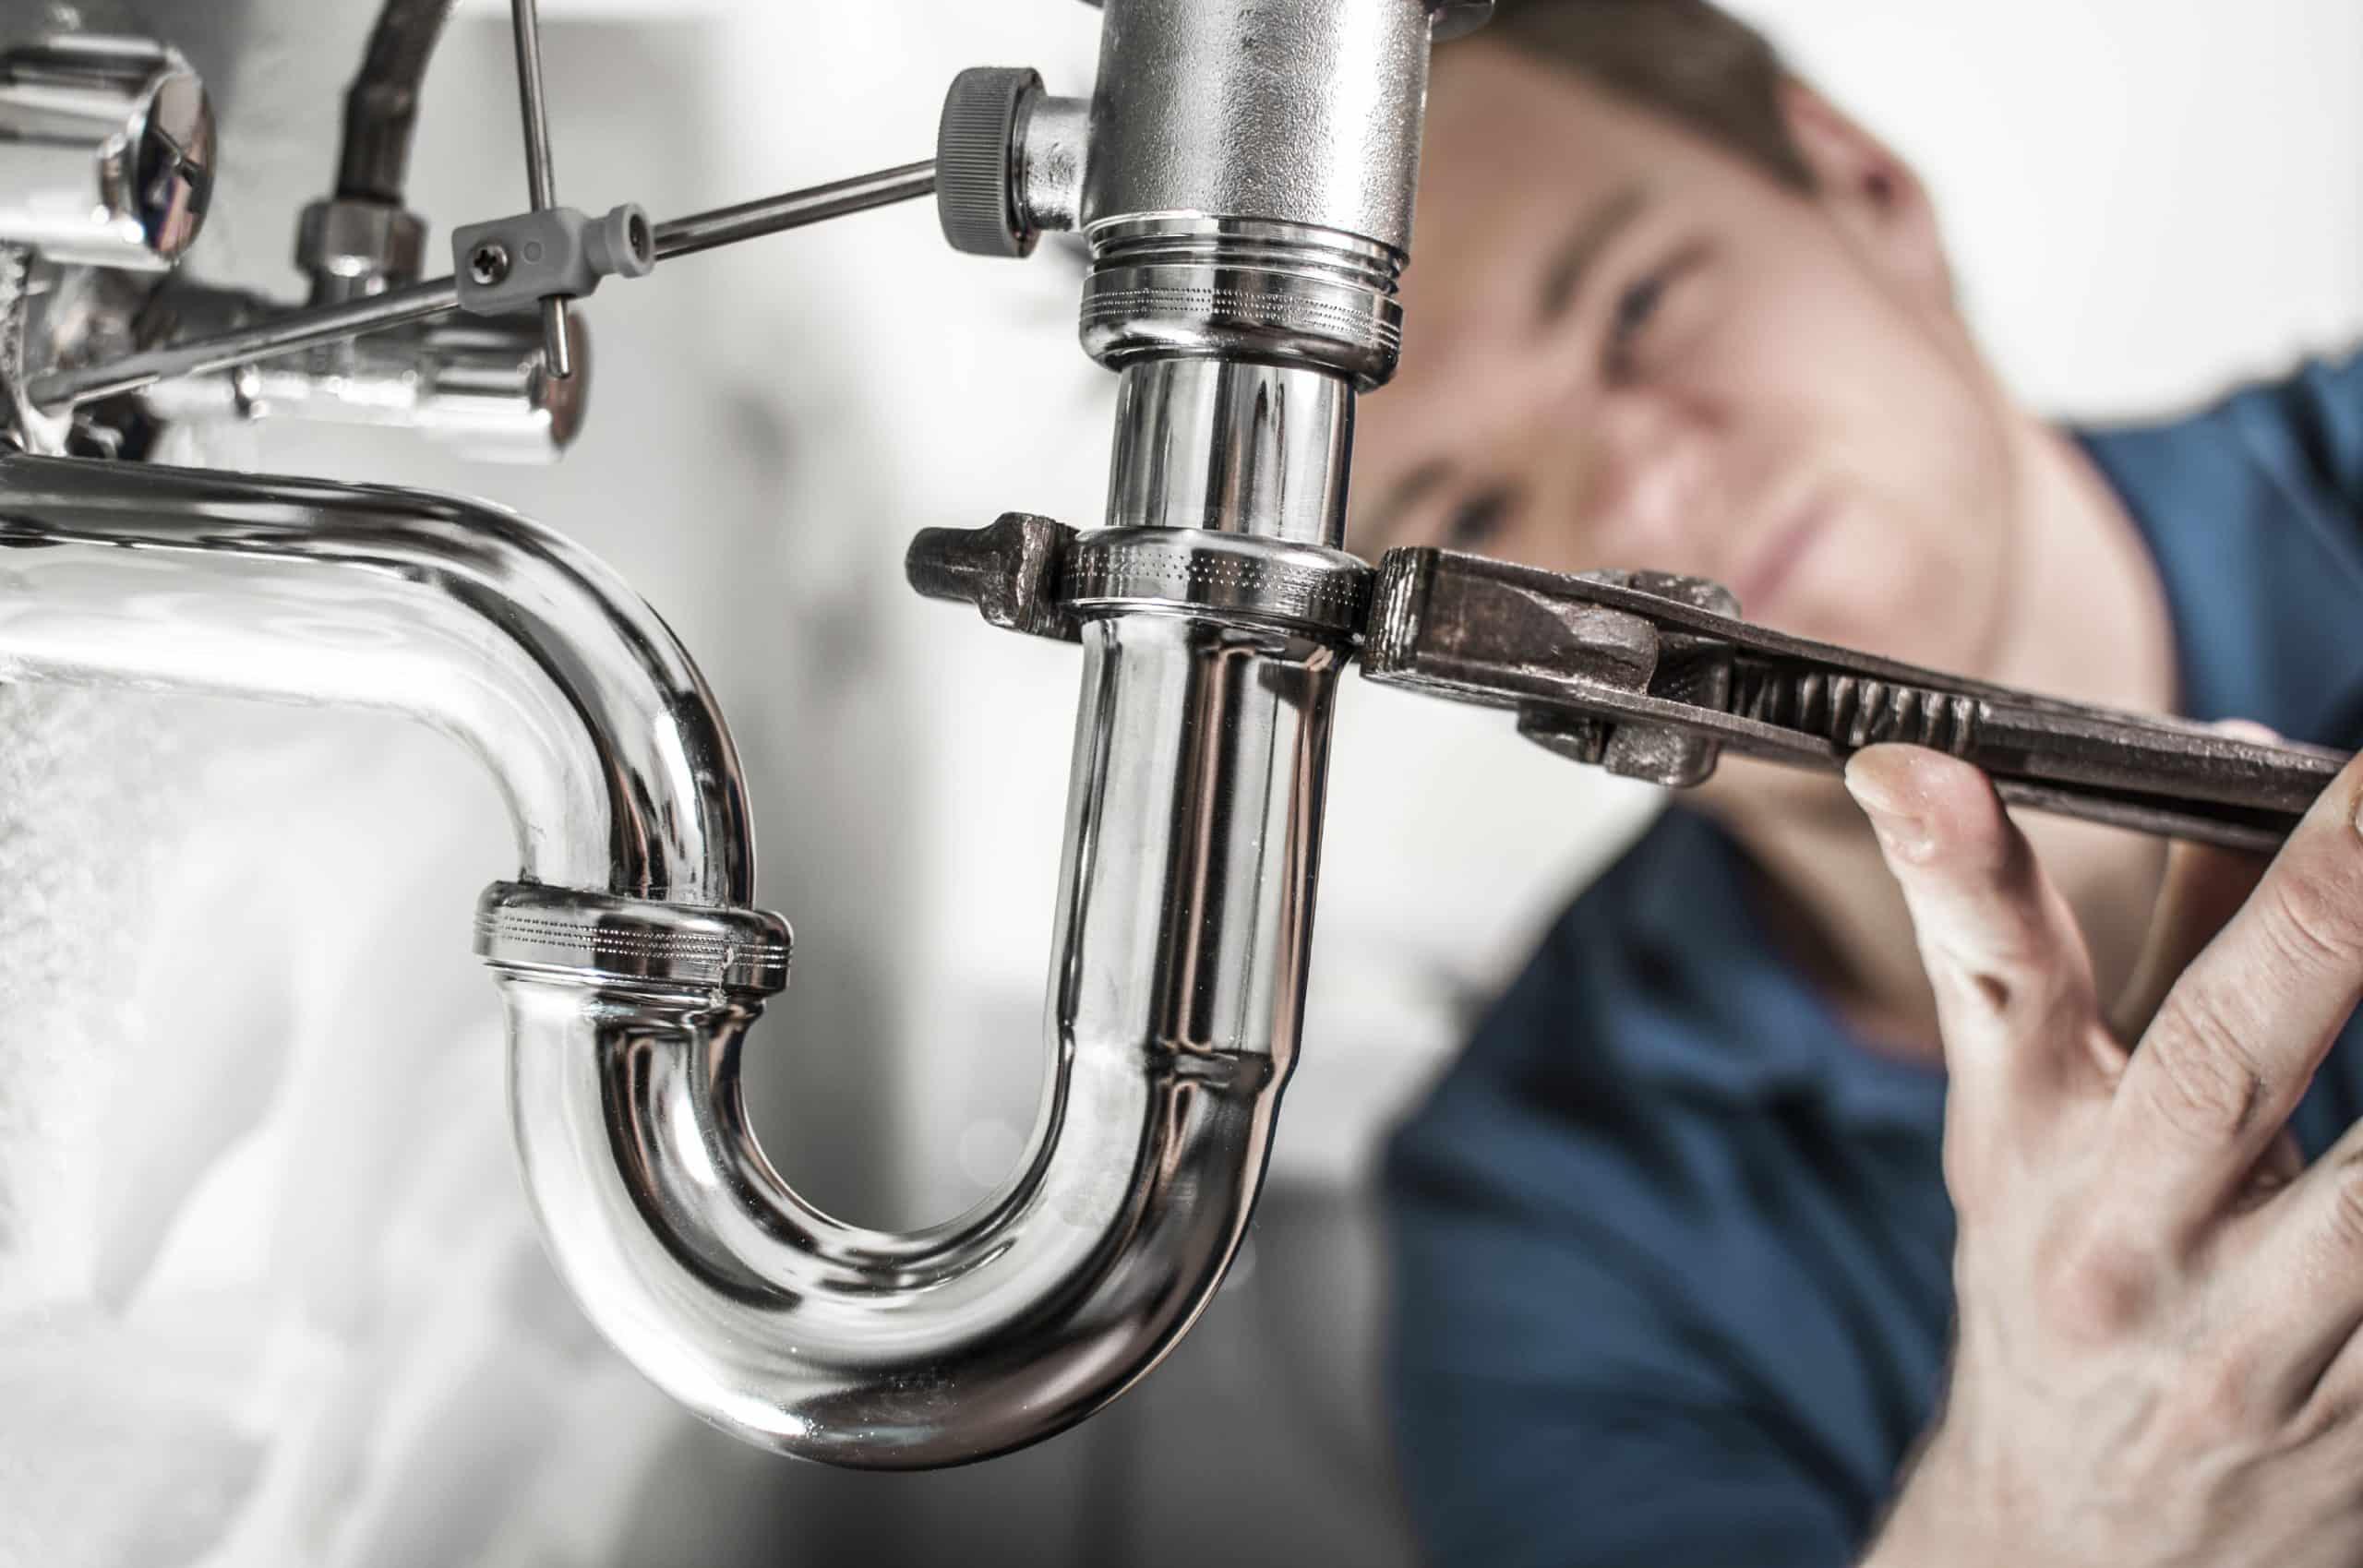 Plumbing Contractor Repairing Sink